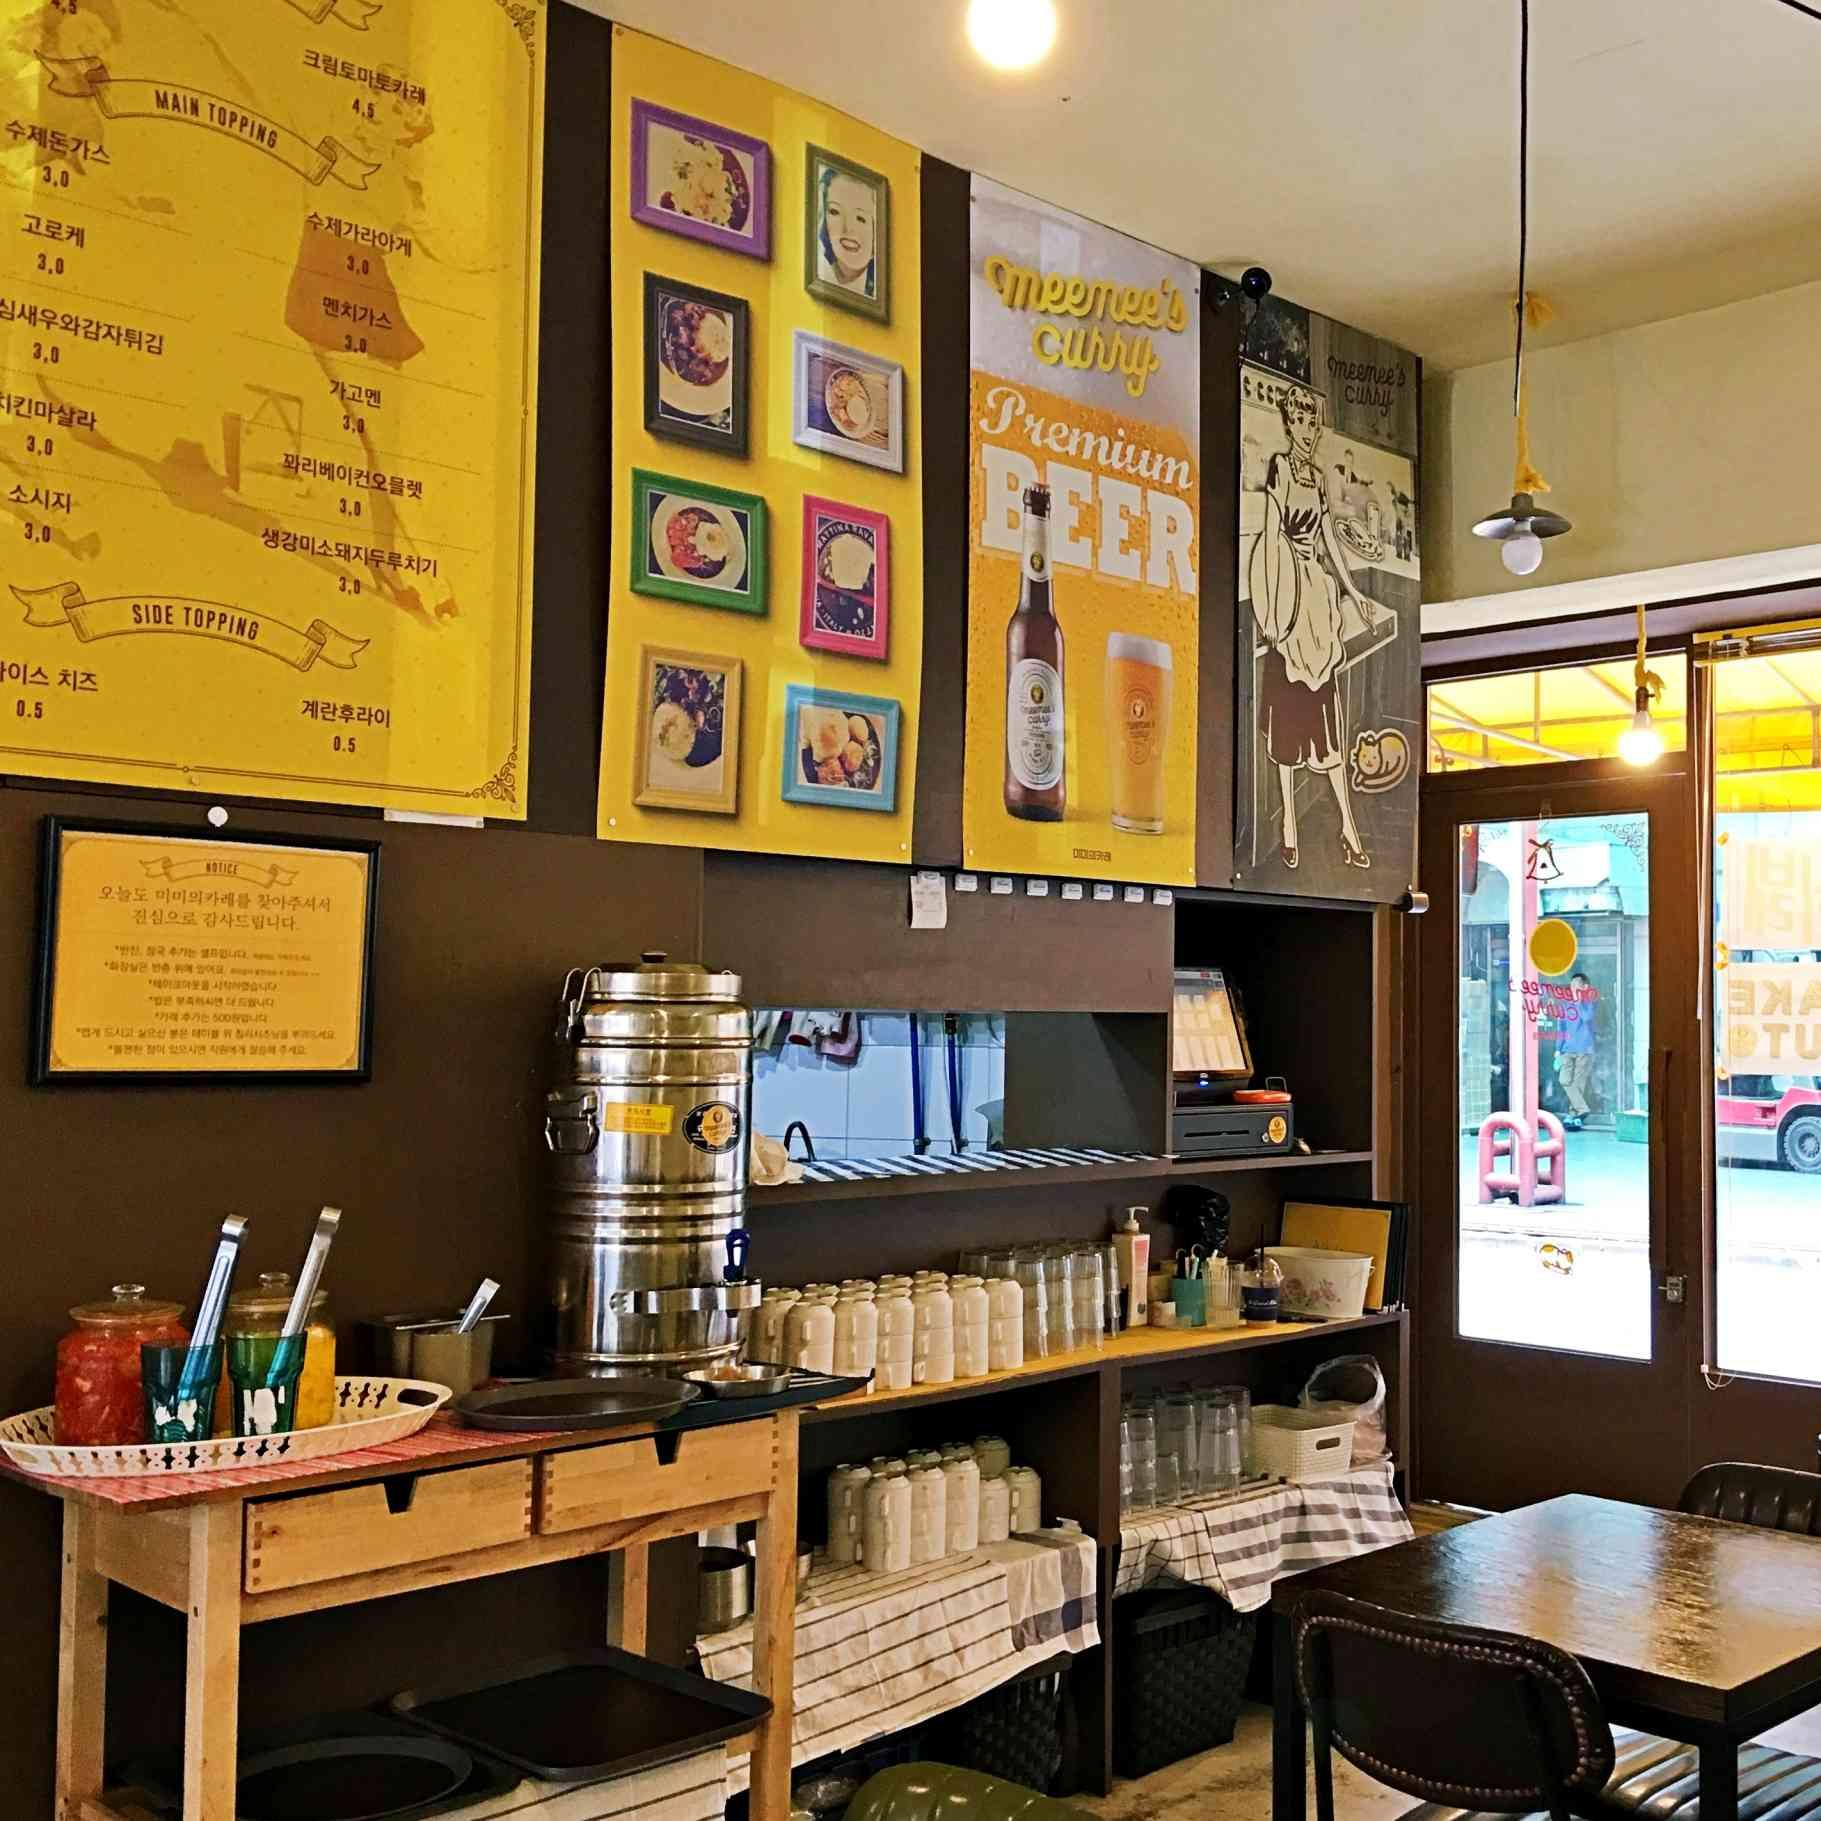 韓式咖哩很流行先選醬,再選主菜。主菜有:炸豬排、魚排、炸雞、炸蝦、炸馬鈴薯等,想要雙主餐或是三主餐也沒問題。